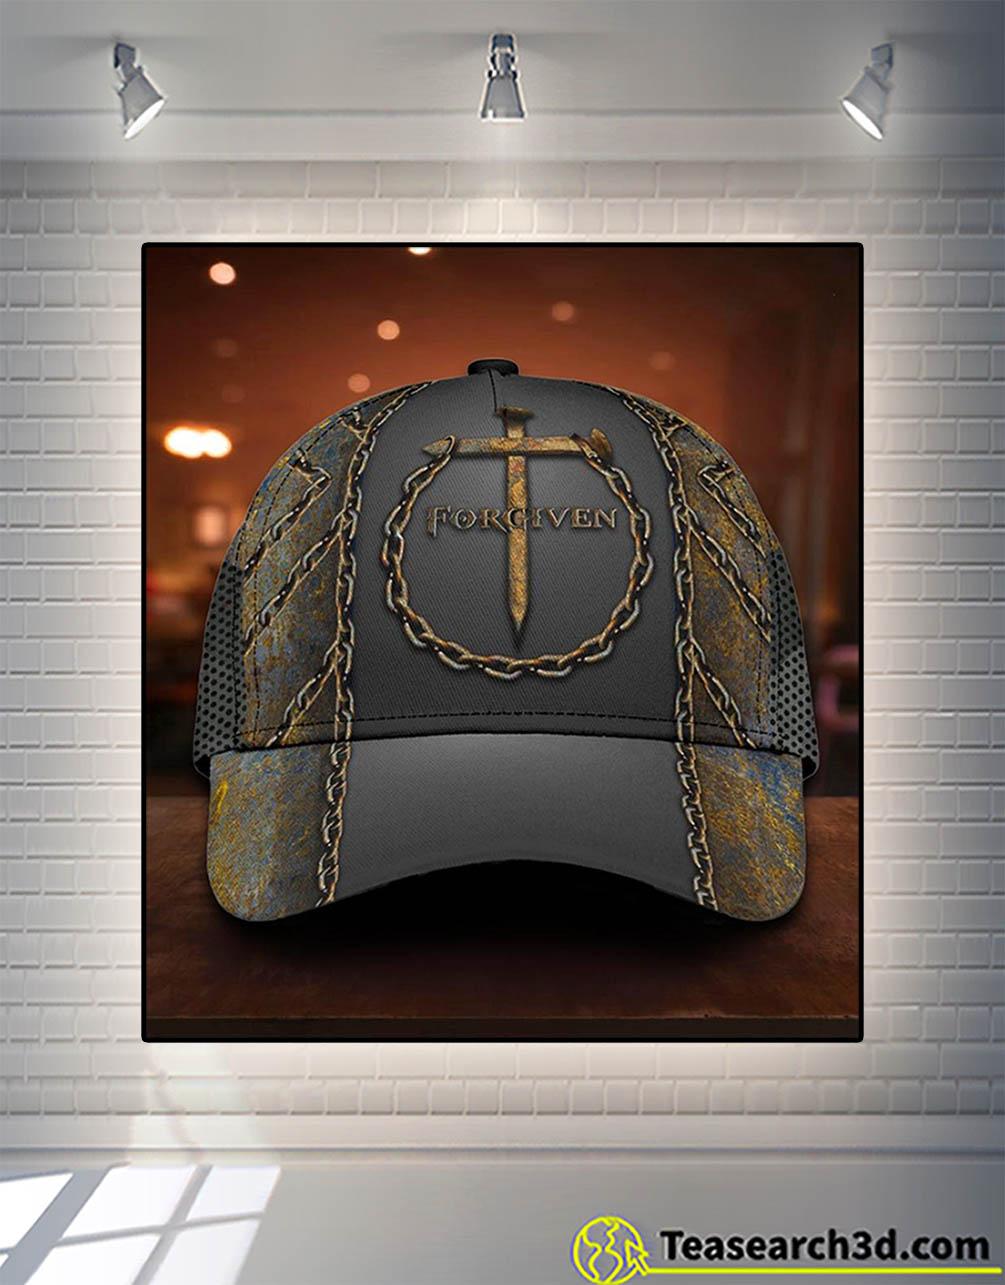 Jesus forgiven classic cap